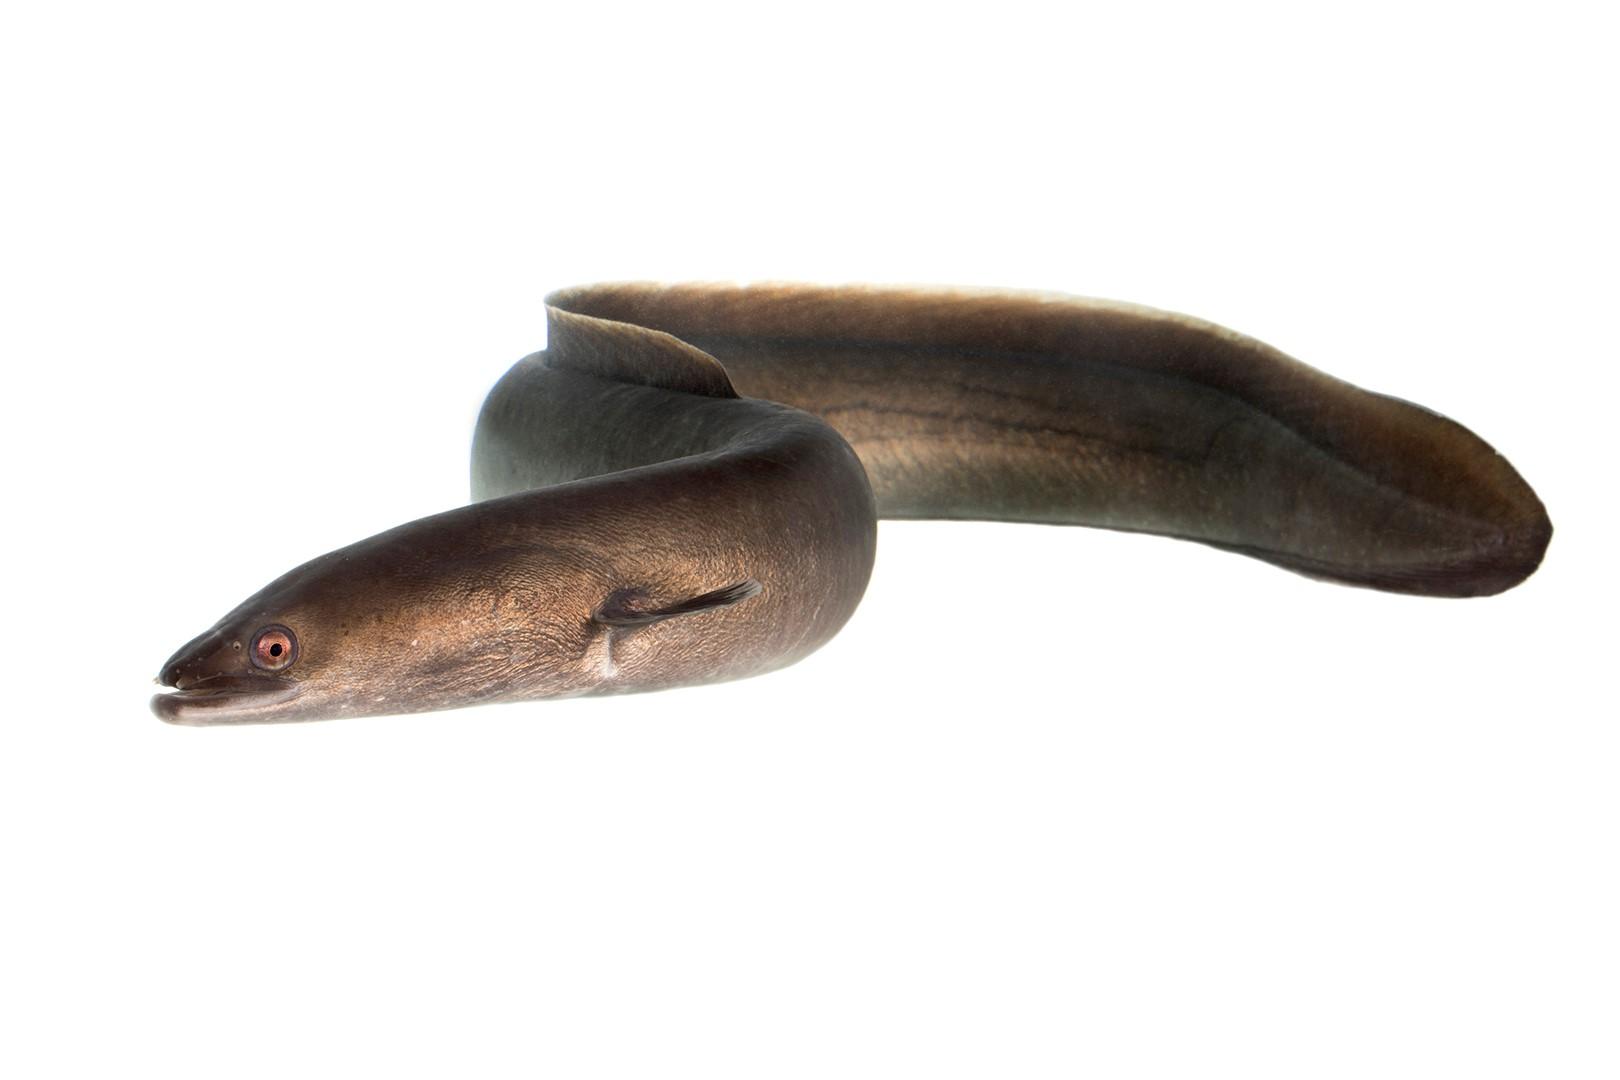 hitta sex i ål